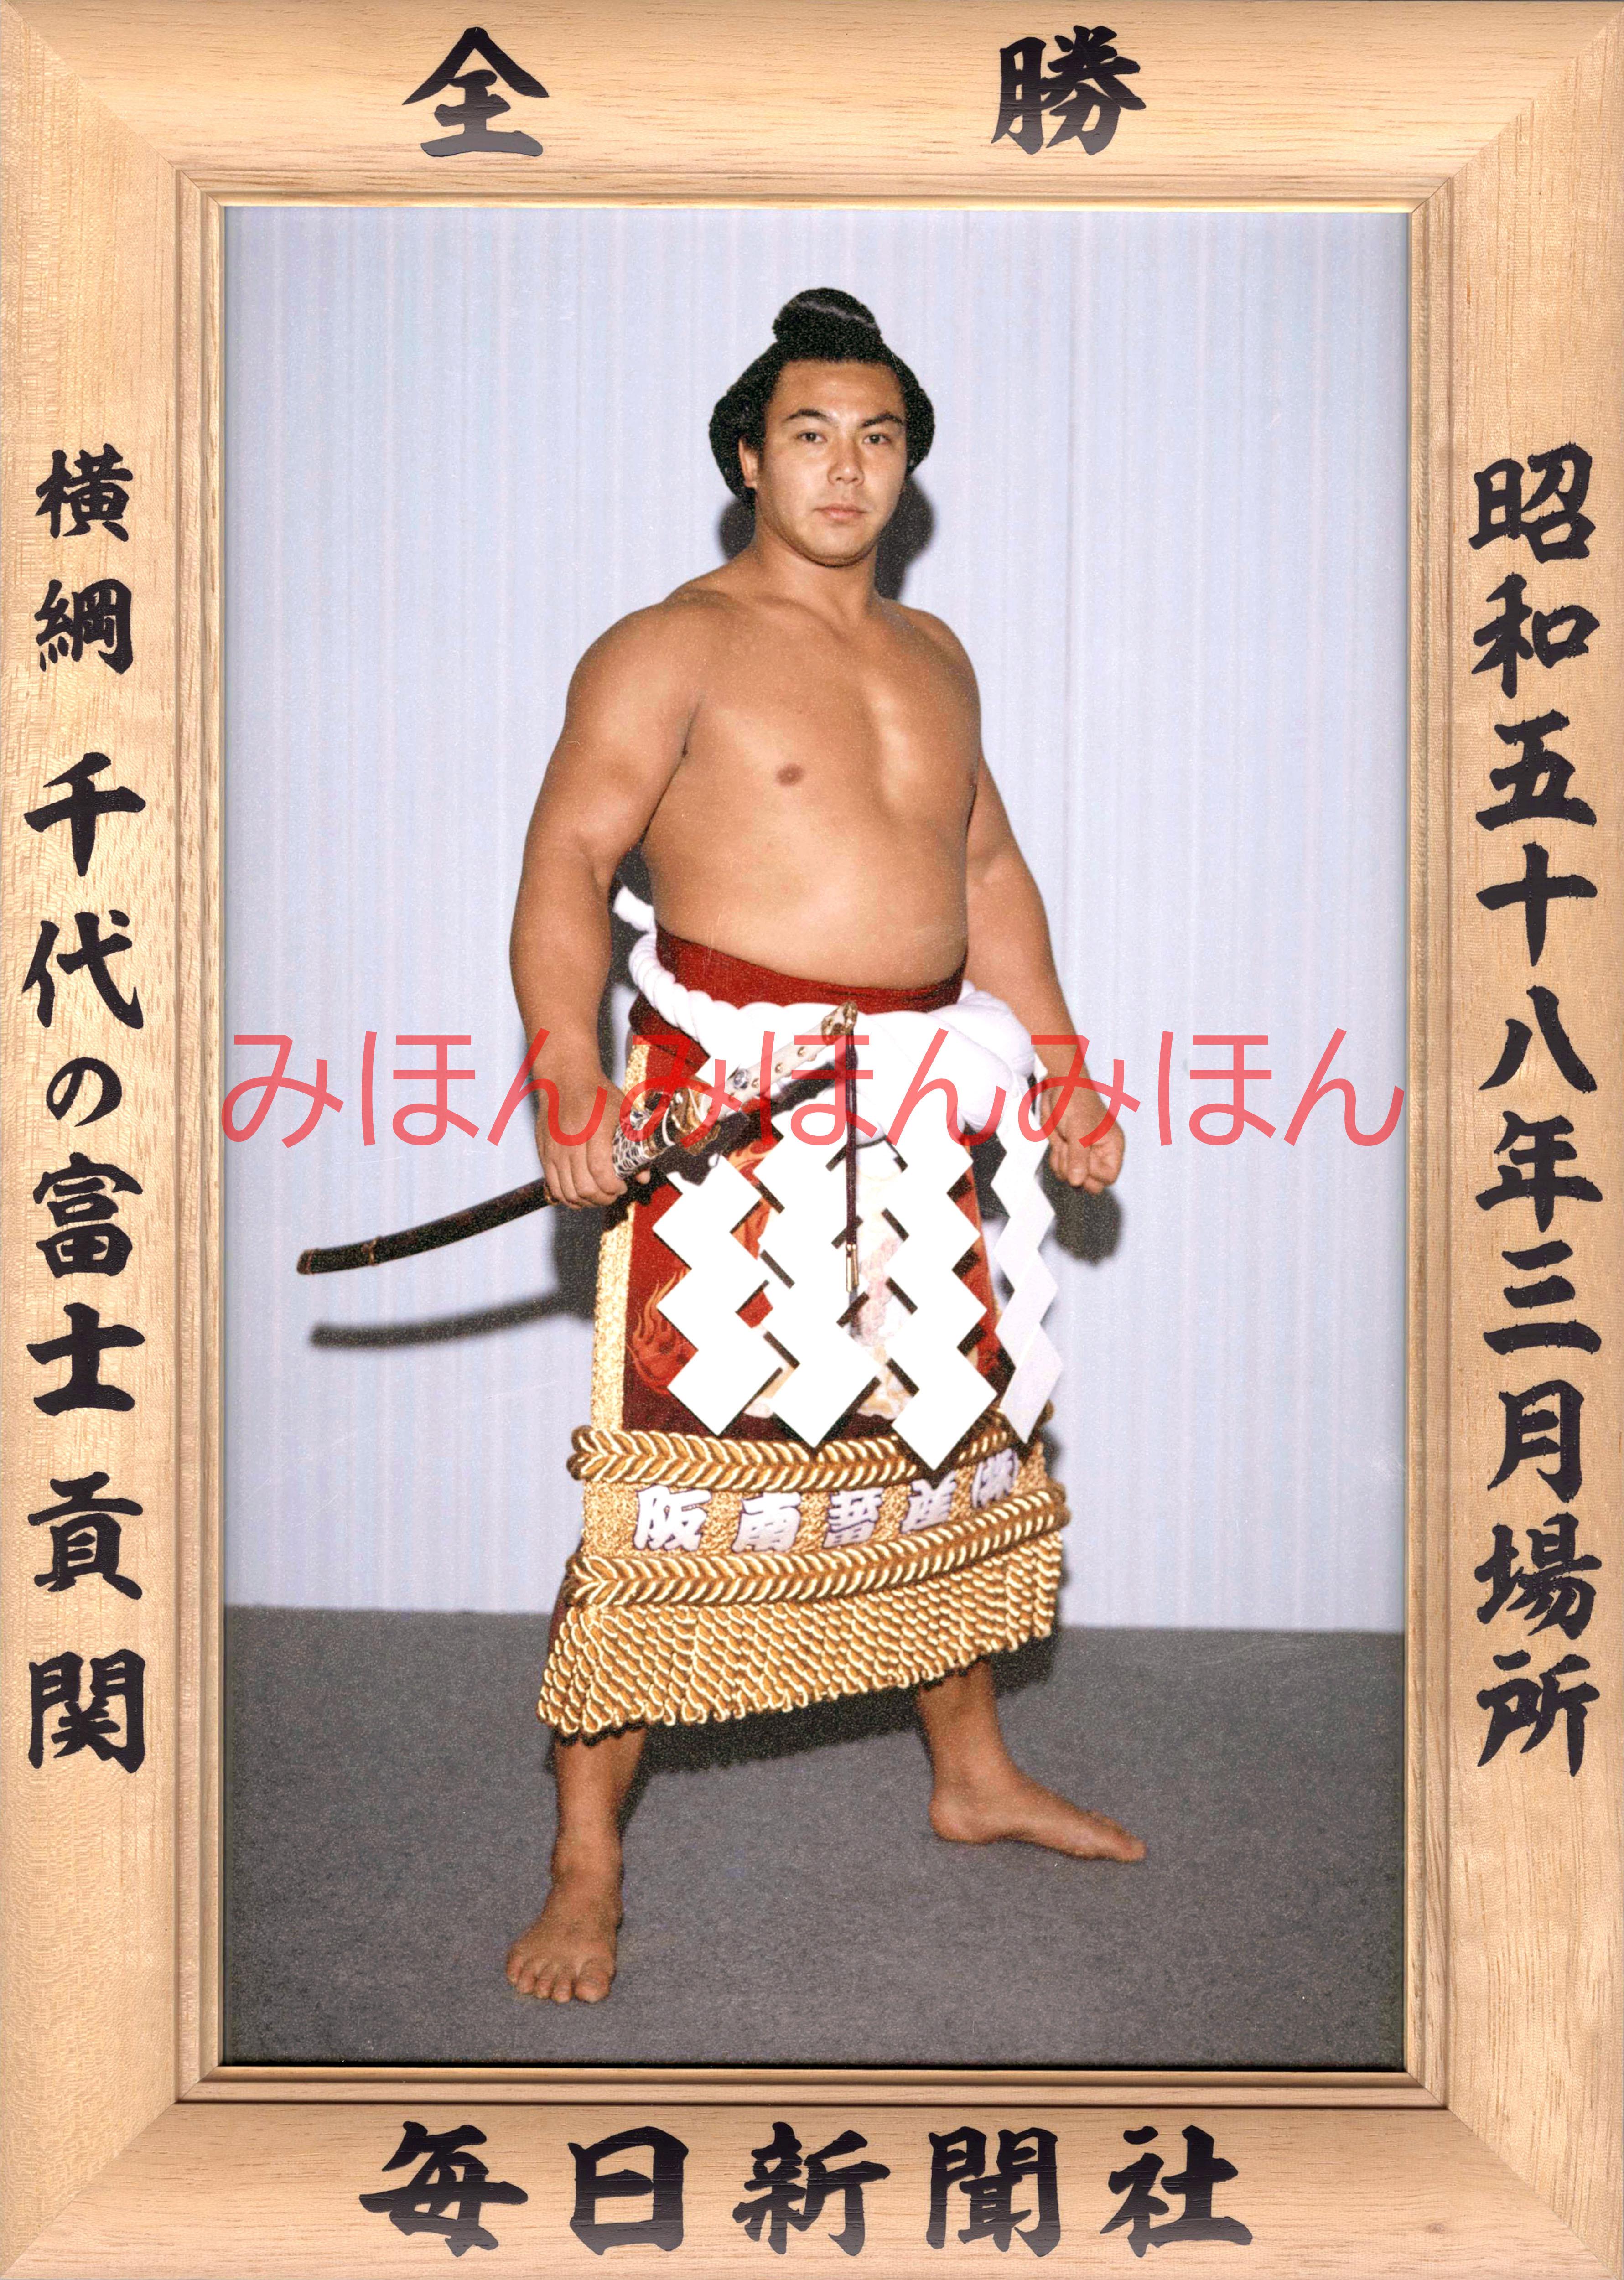 昭和58年3月場所全勝 横綱 千代の富士貢関(8回目の優勝)